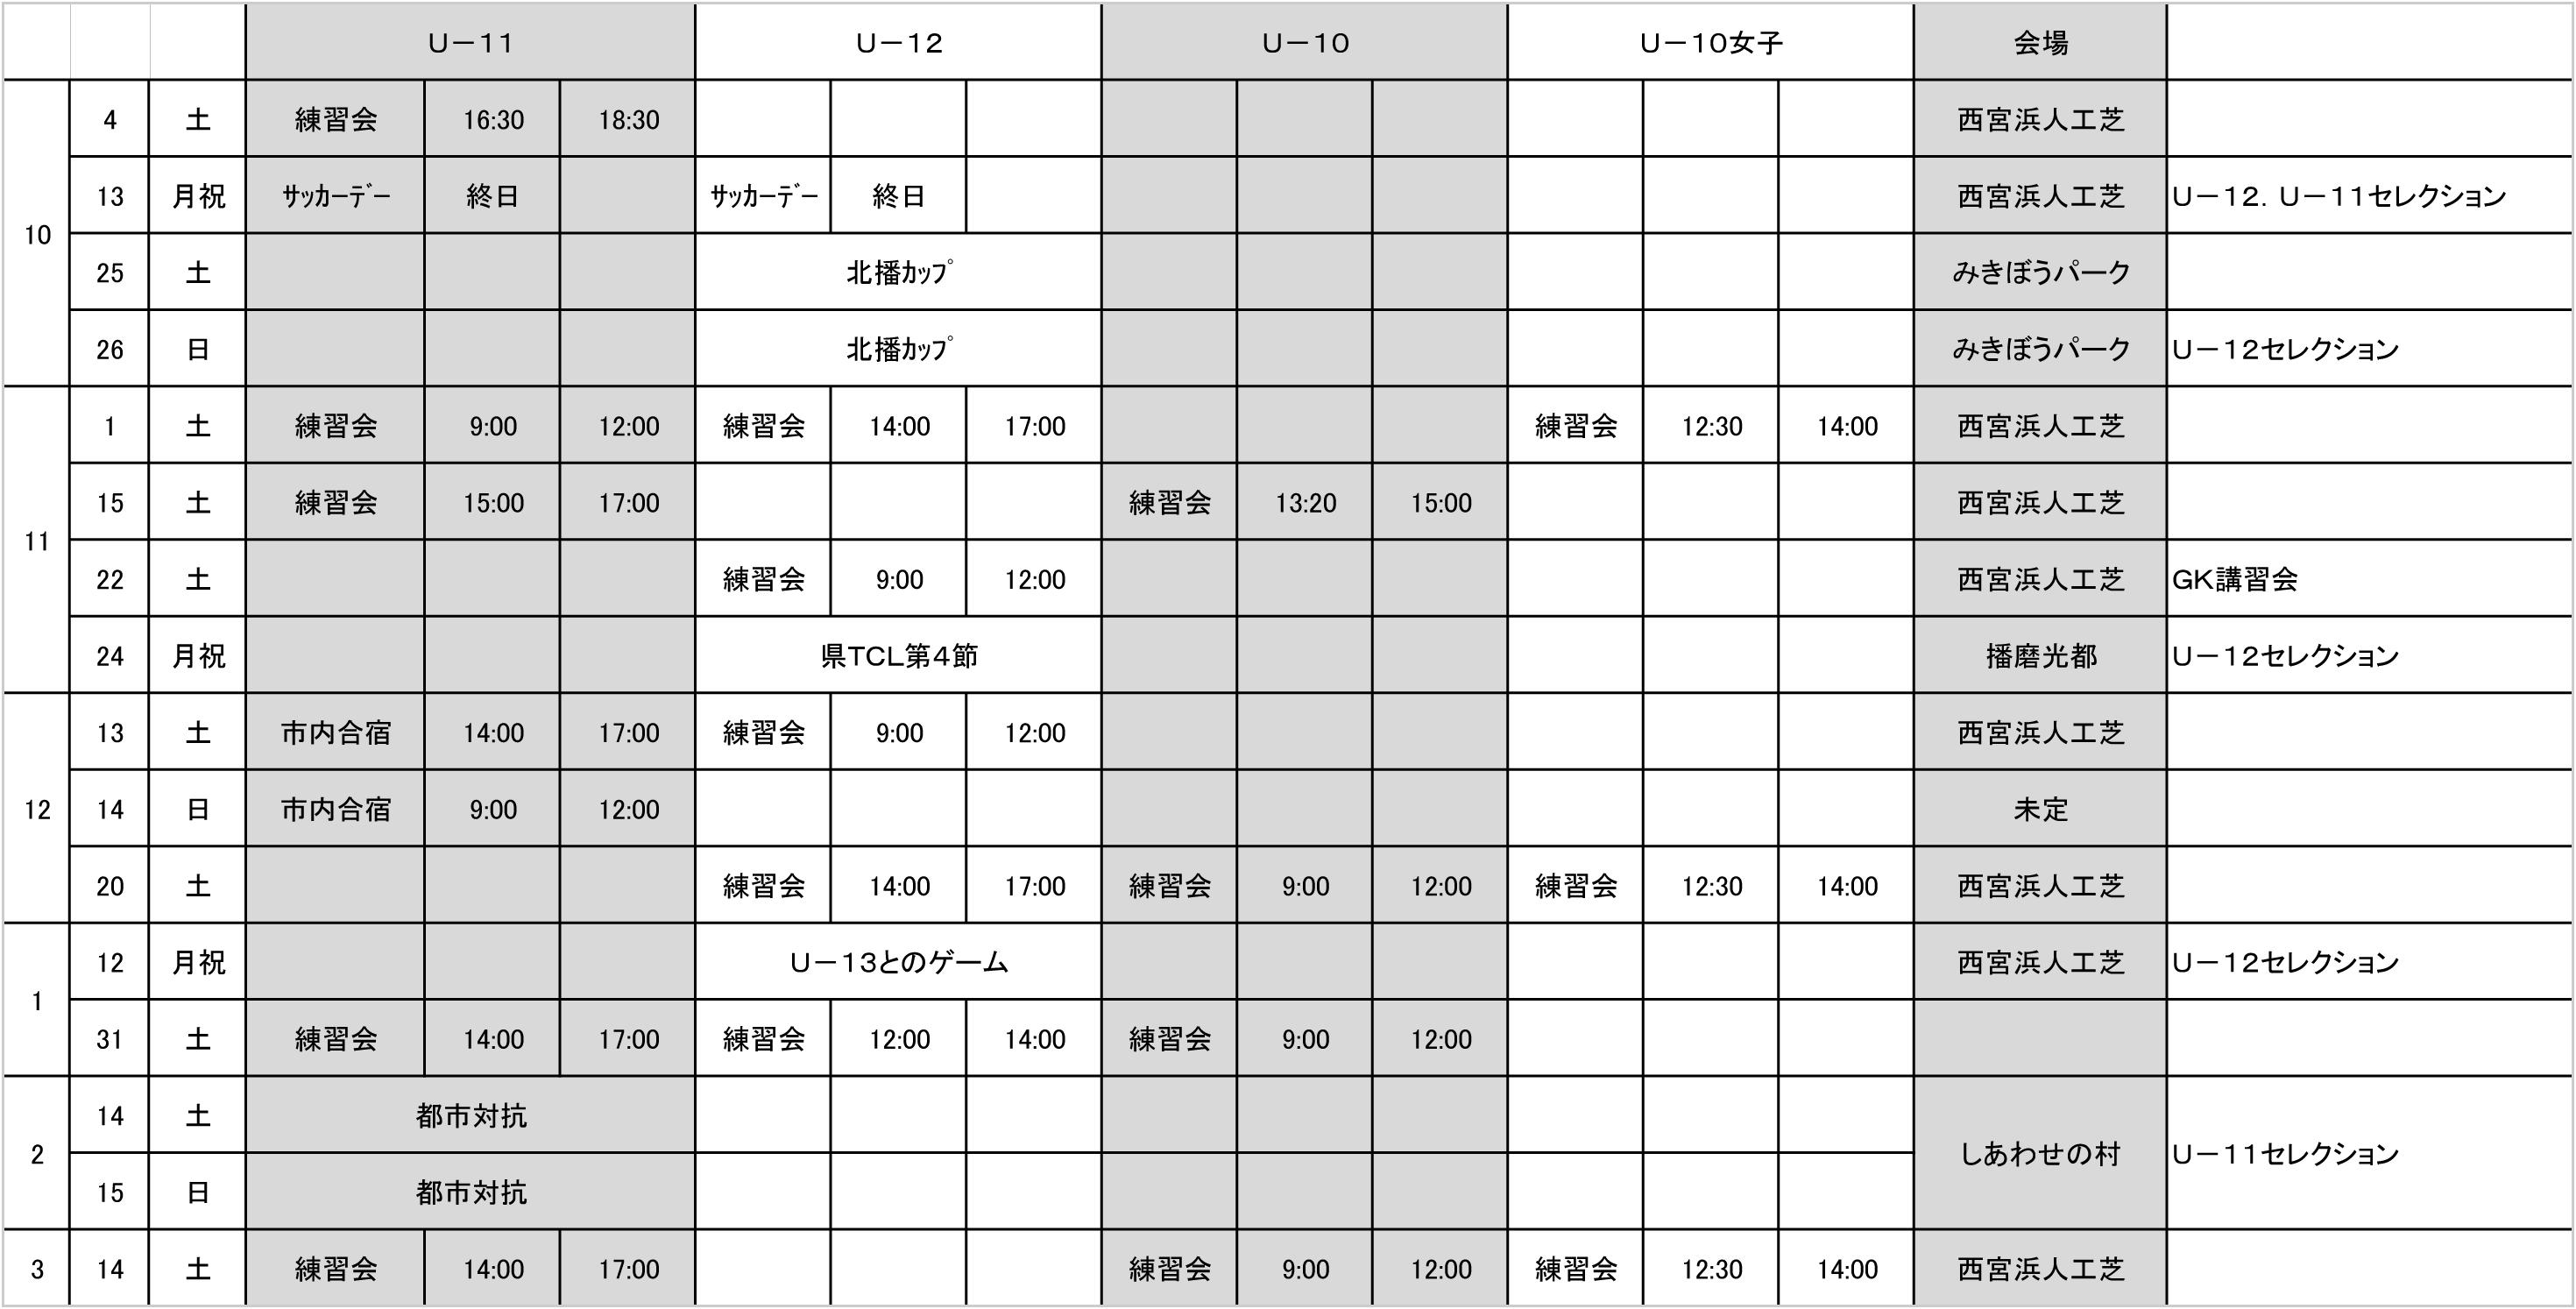 後期活動予定表